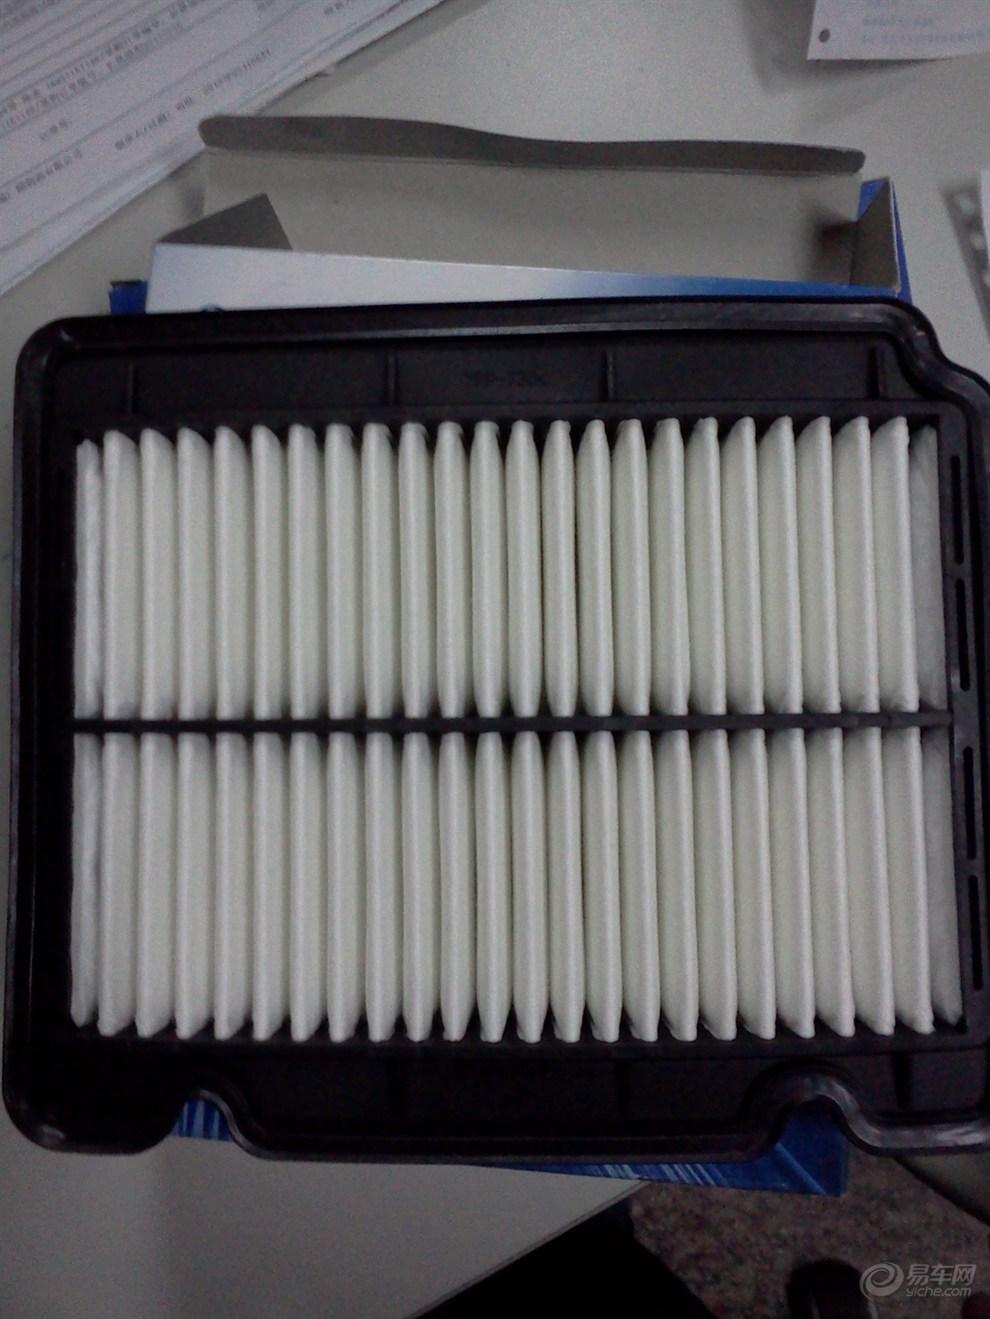 自己买的乐风的空调滤芯和空气滤芯,看着质量不错 -乐风论坛图片集锦高清图片